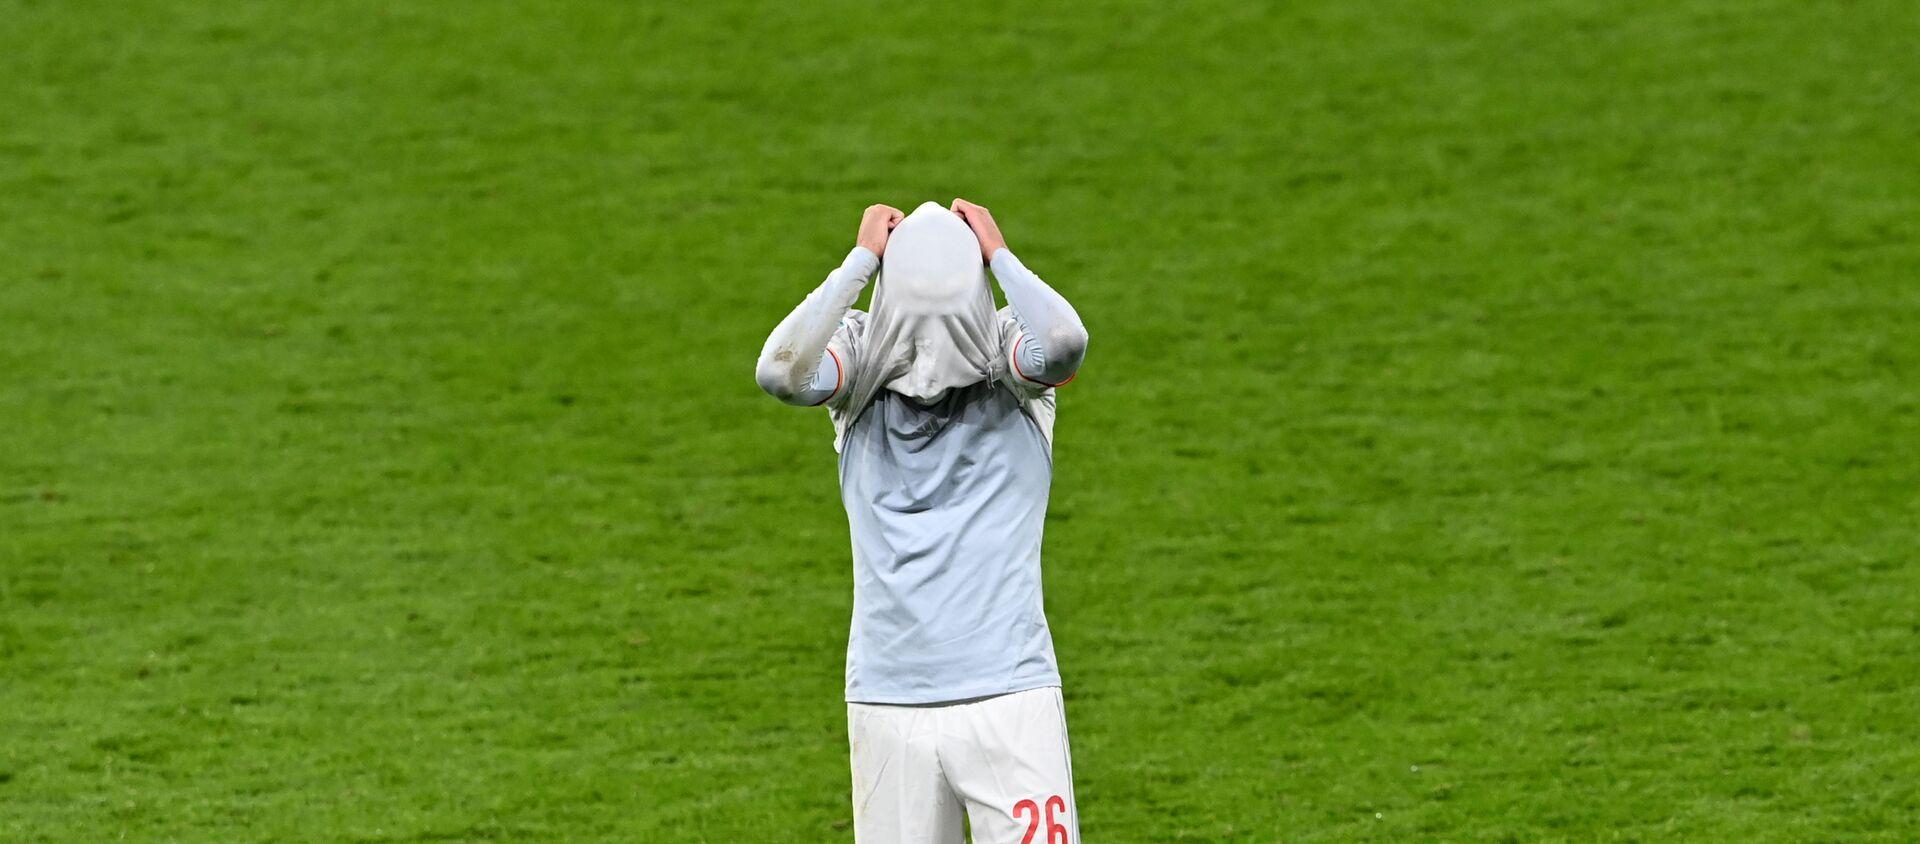 Cầu thủ Pedri trong trận Ý- Tây Ban Nha ở vòng bán kết EURO 2020 trên sân vận động Wembley, London - Sputnik Việt Nam, 1920, 07.07.2021